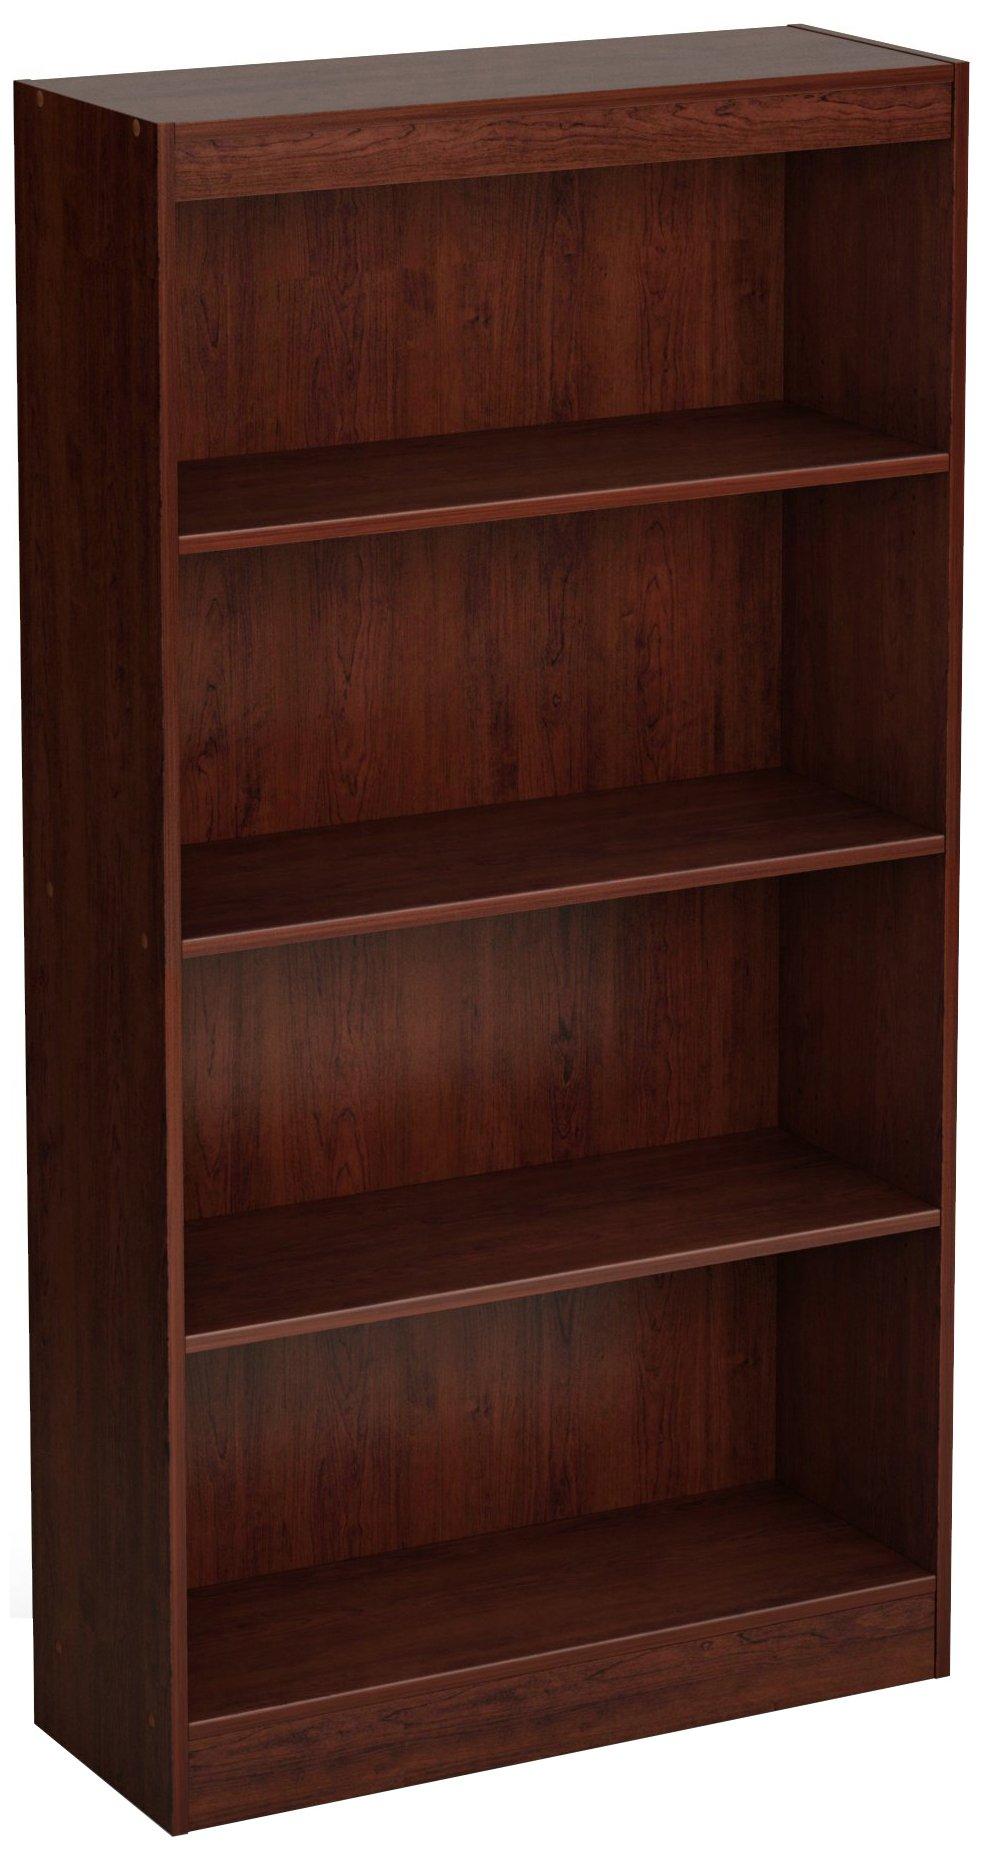 South Shore Axess Collection 4-Shelf Bookcase, Royal Cherry